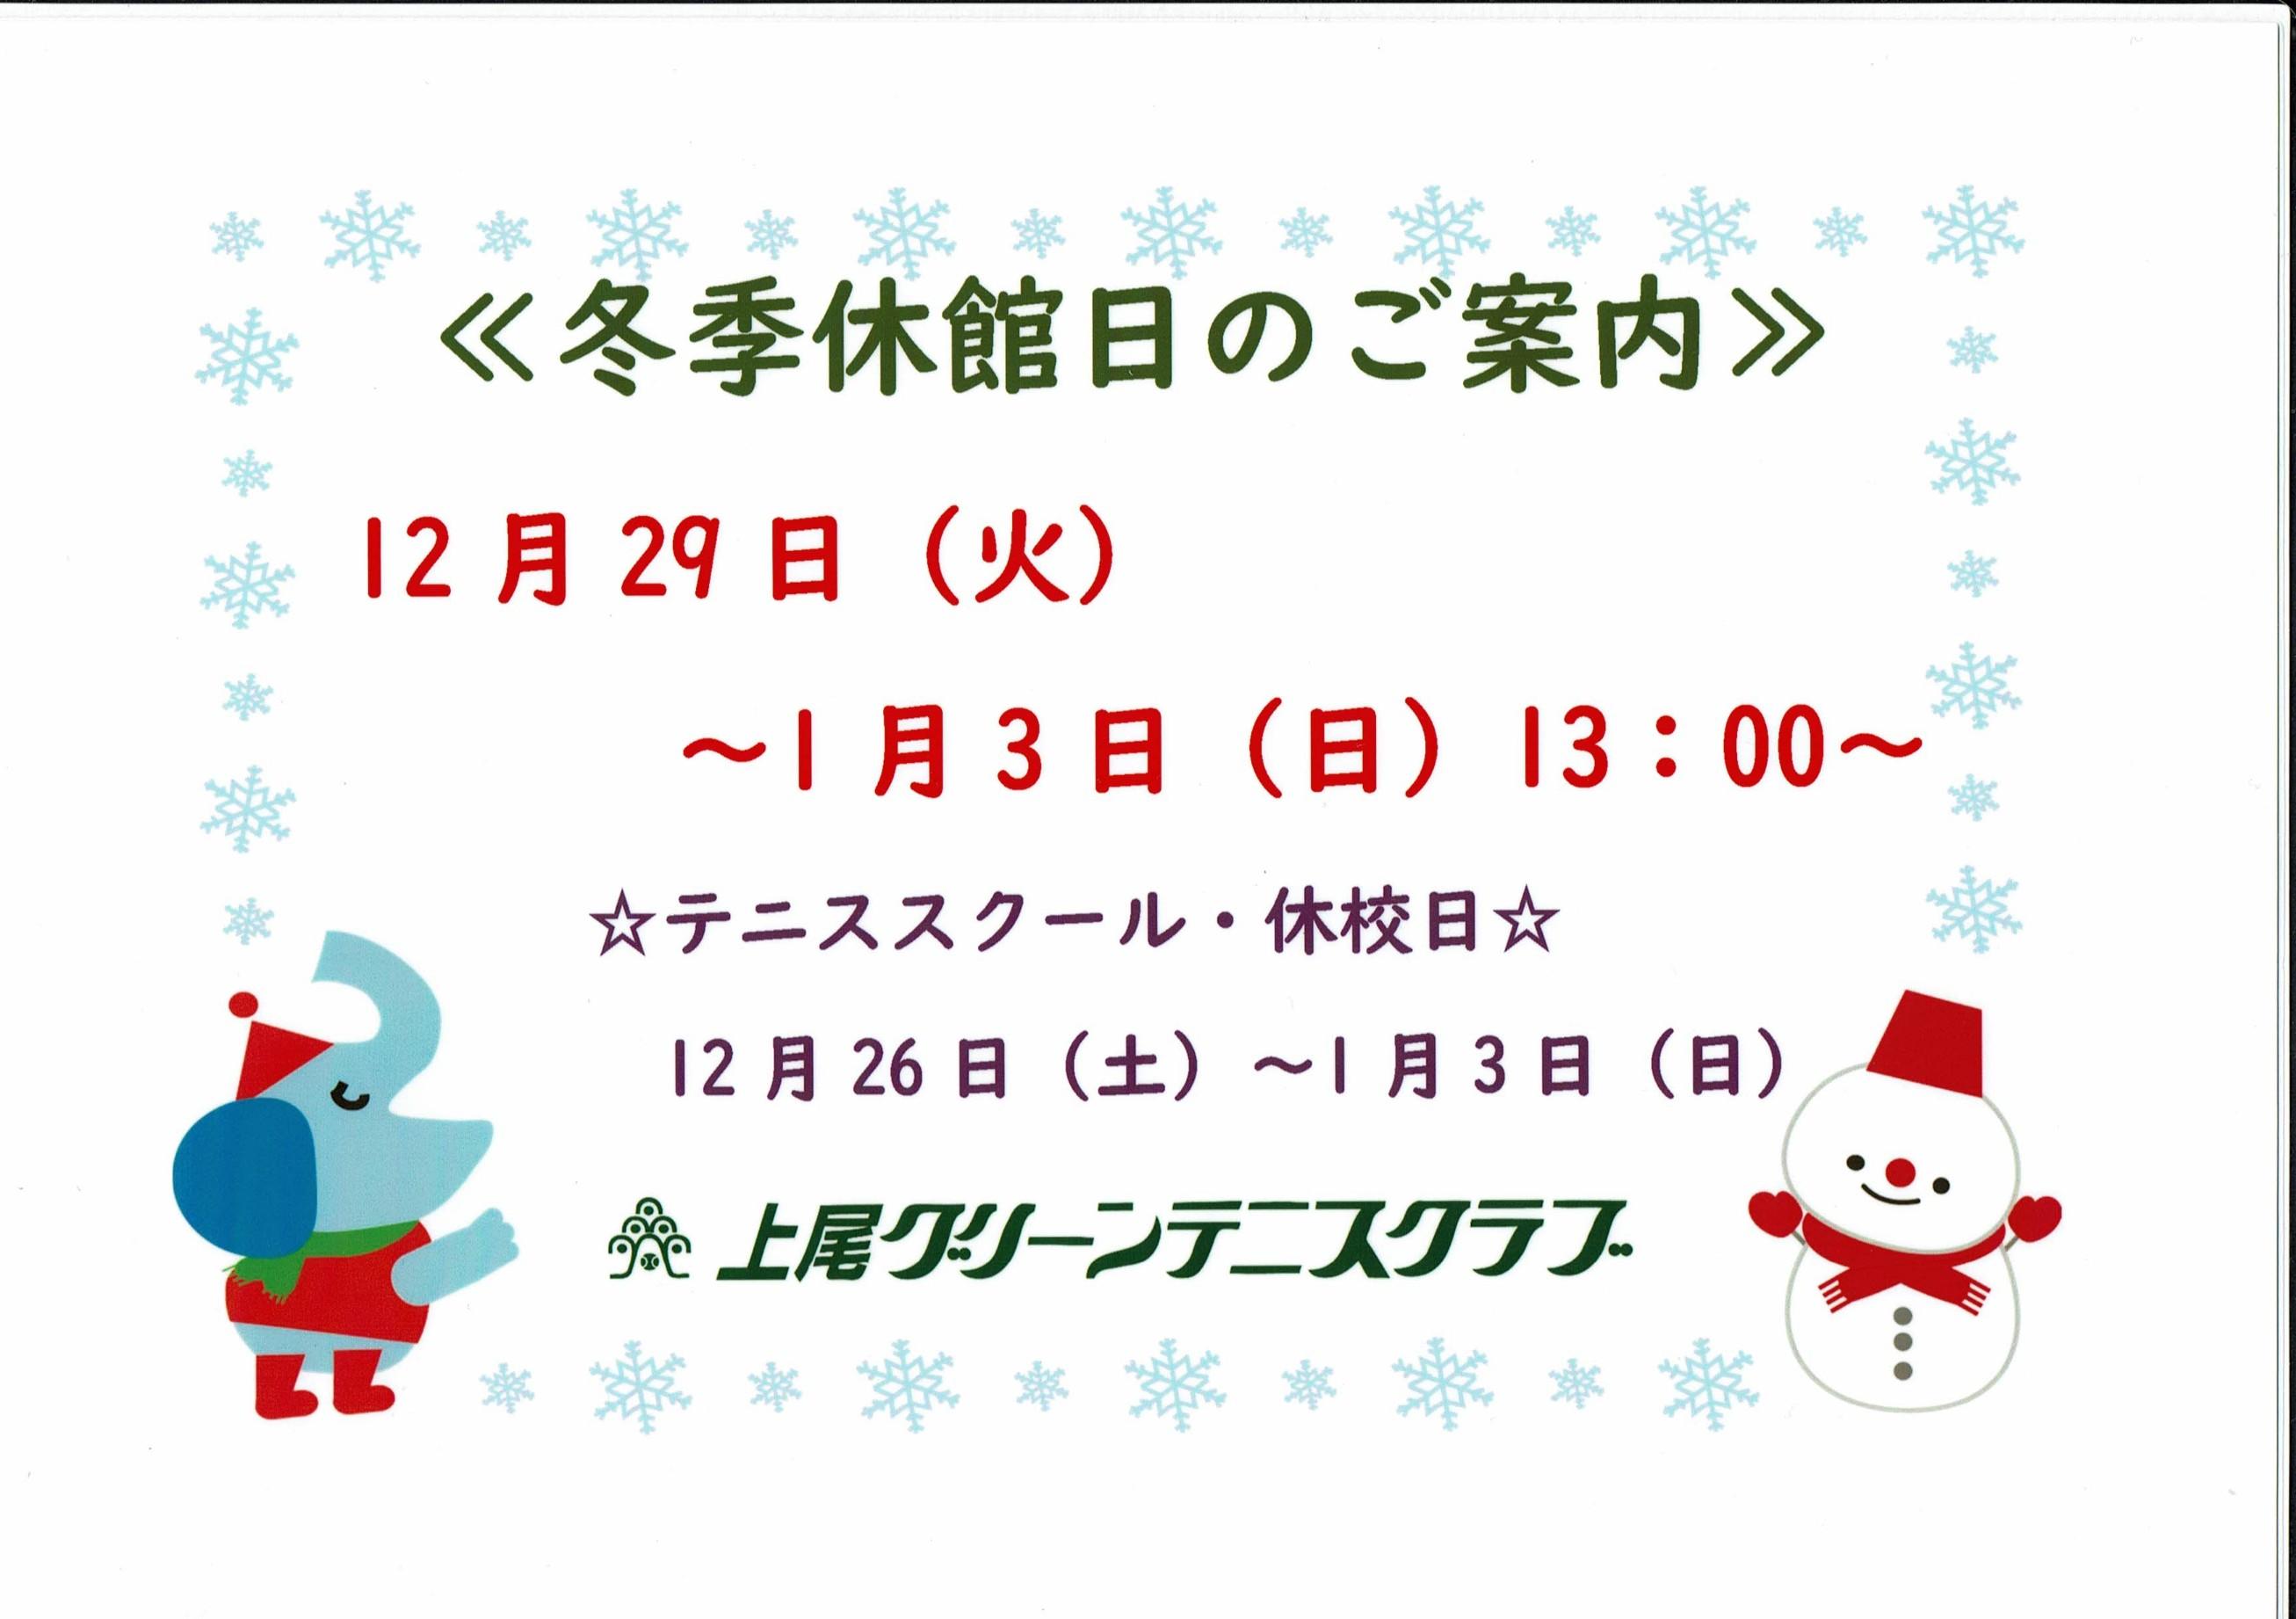 CCF20201122_copy_2613x1842